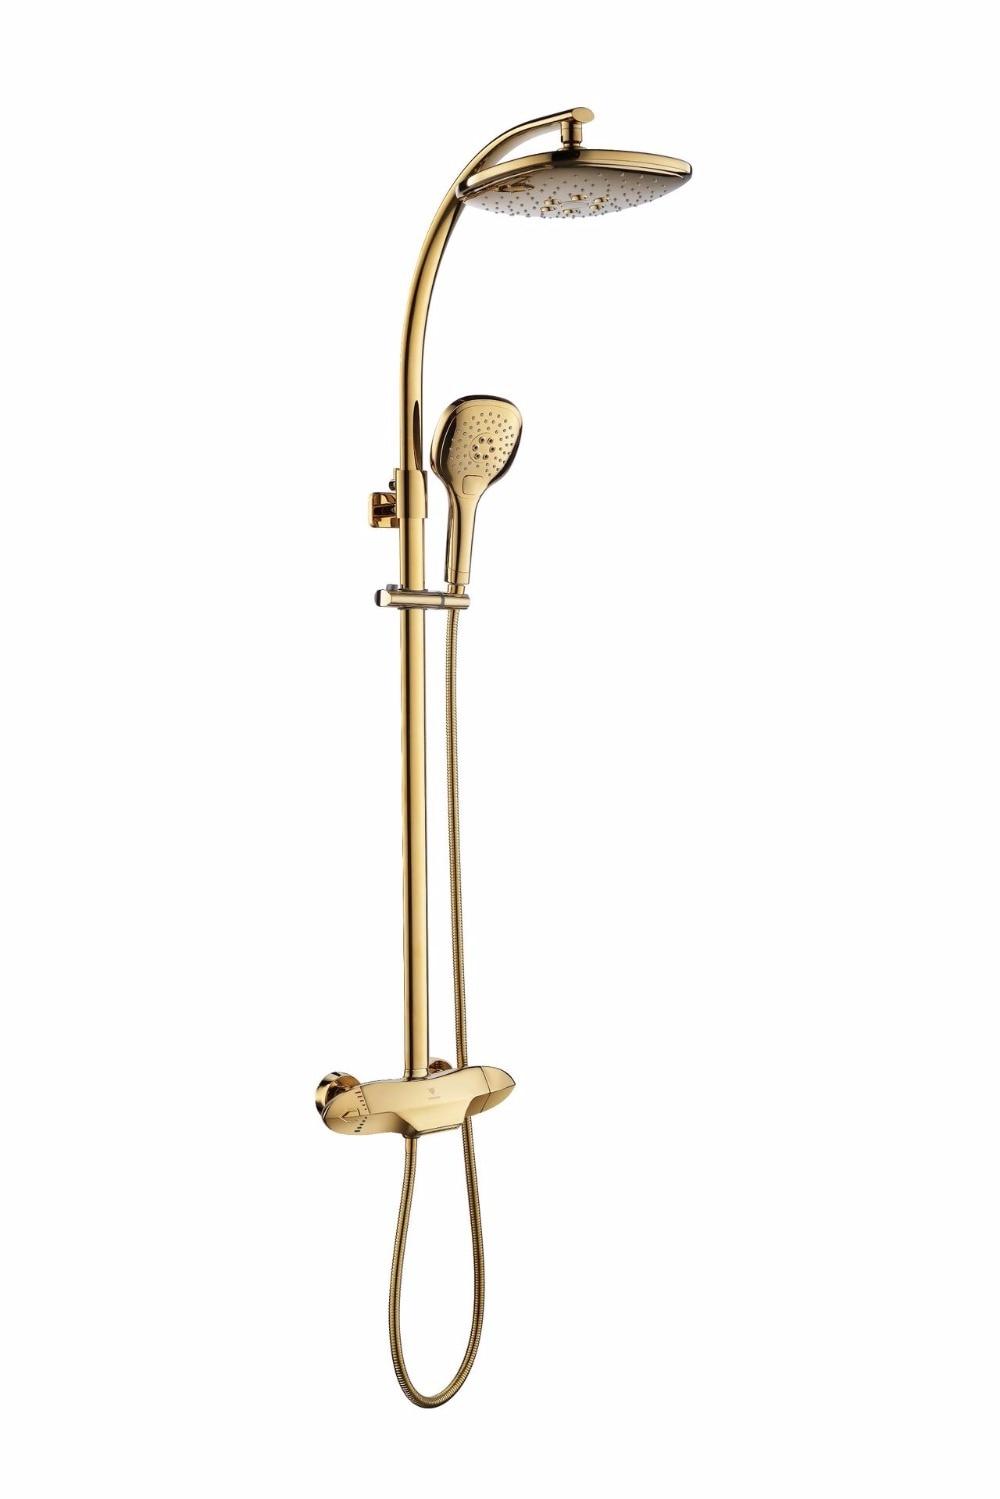 Dofaso real villa high-end de luxo banho de chuva chuveiro torneira Termostática torneira Do Banheiro Ouro Torneira Do Chuveiro Rainfall Set Torneira Misturadora